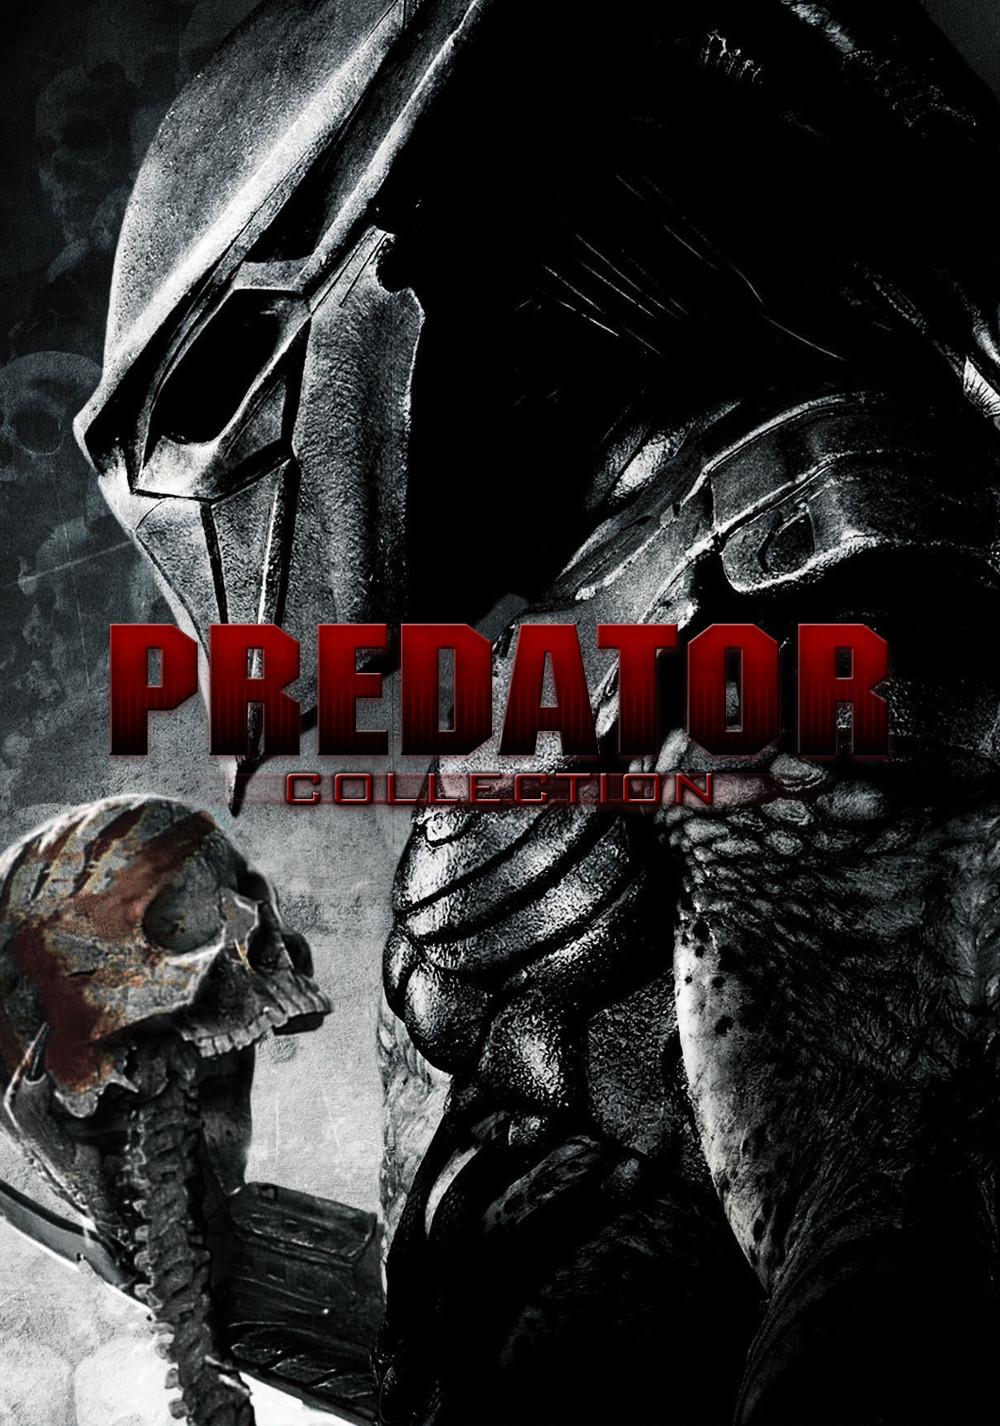 Predator Collection | Movie fanart | fanart.tv